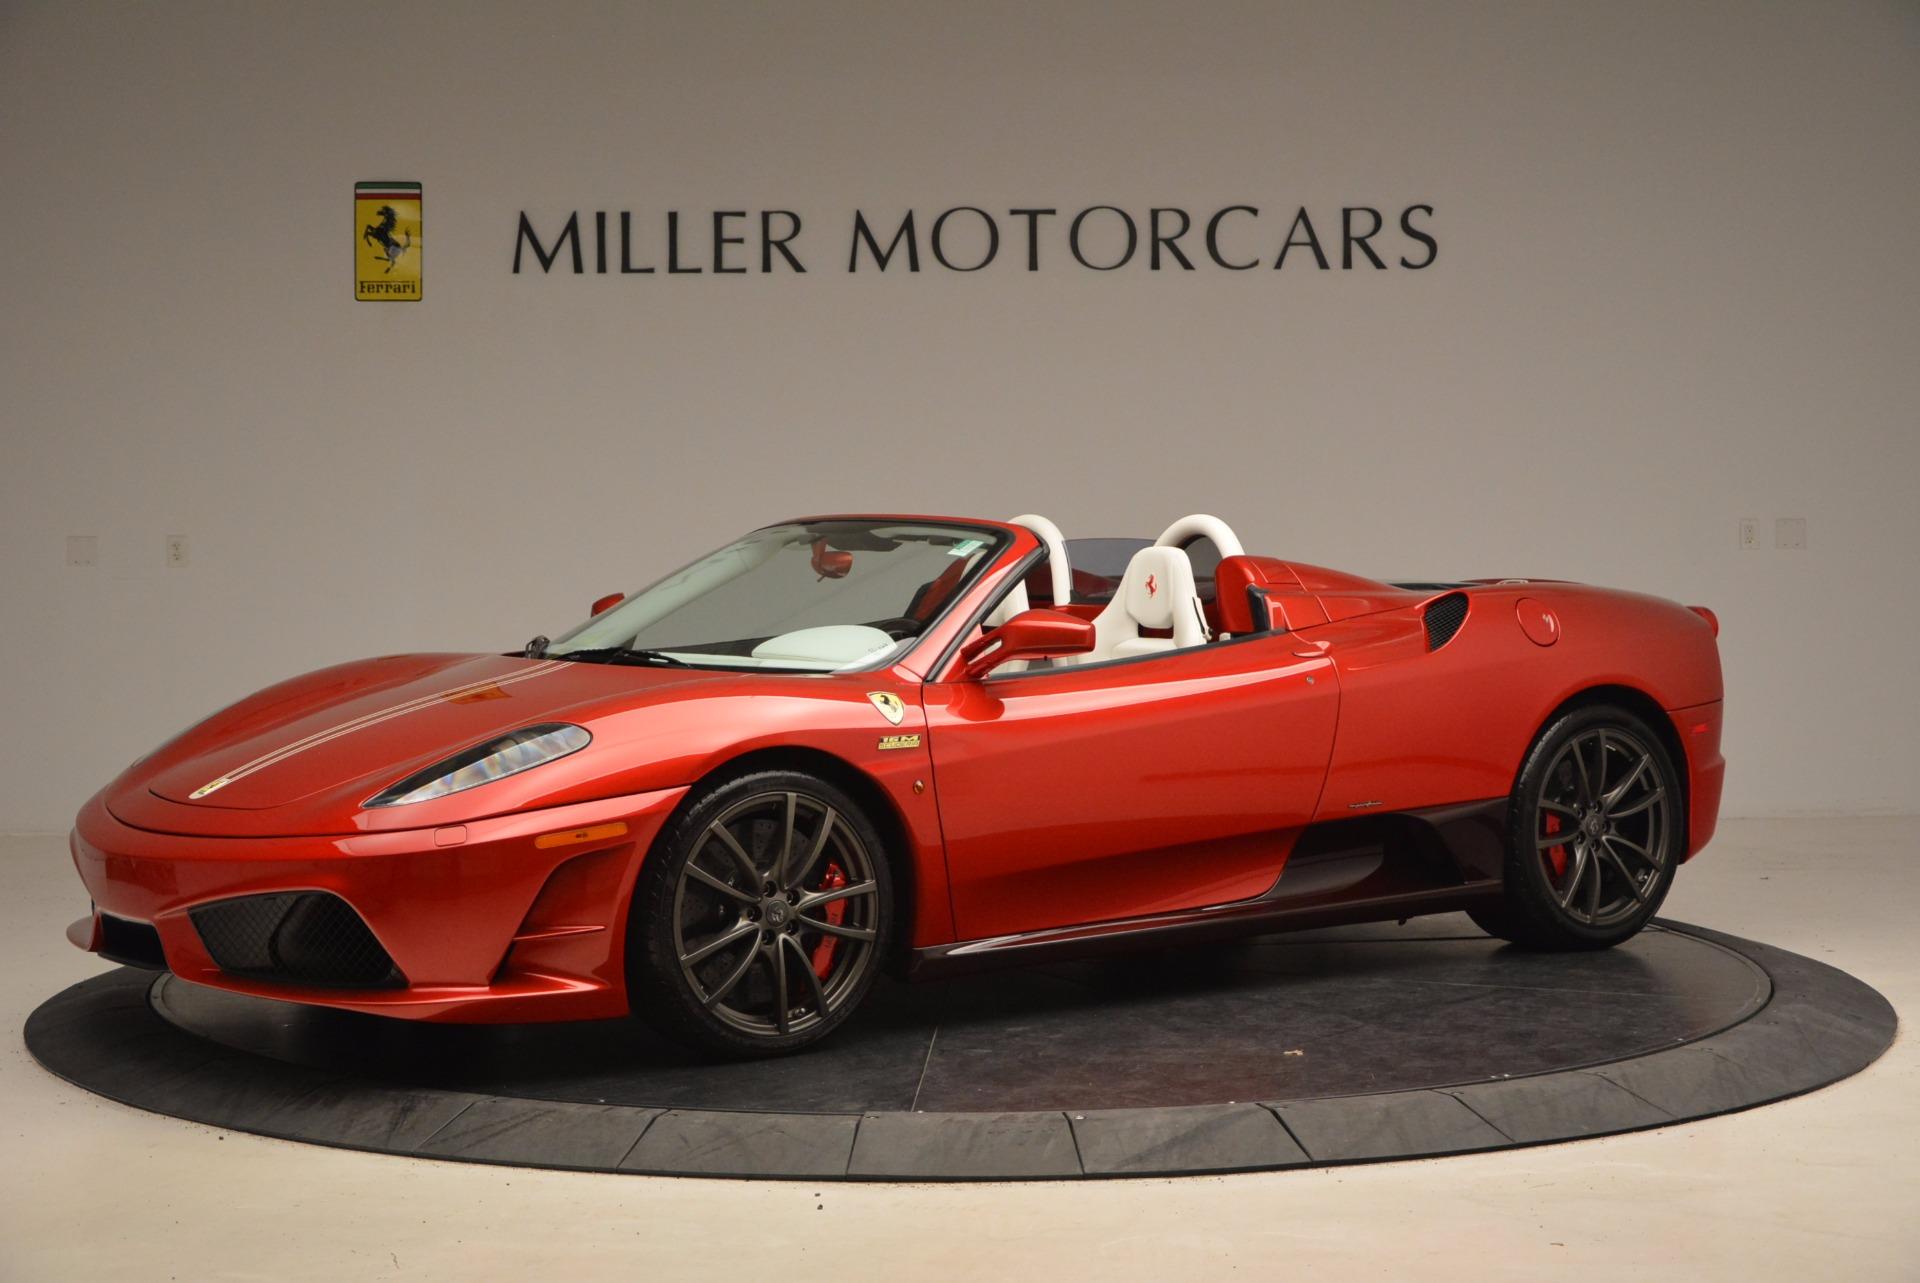 Used 2009 Ferrari F430 Scuderia 16M For Sale In Greenwich, CT. Alfa Romeo of Greenwich, 4404 1398_p2